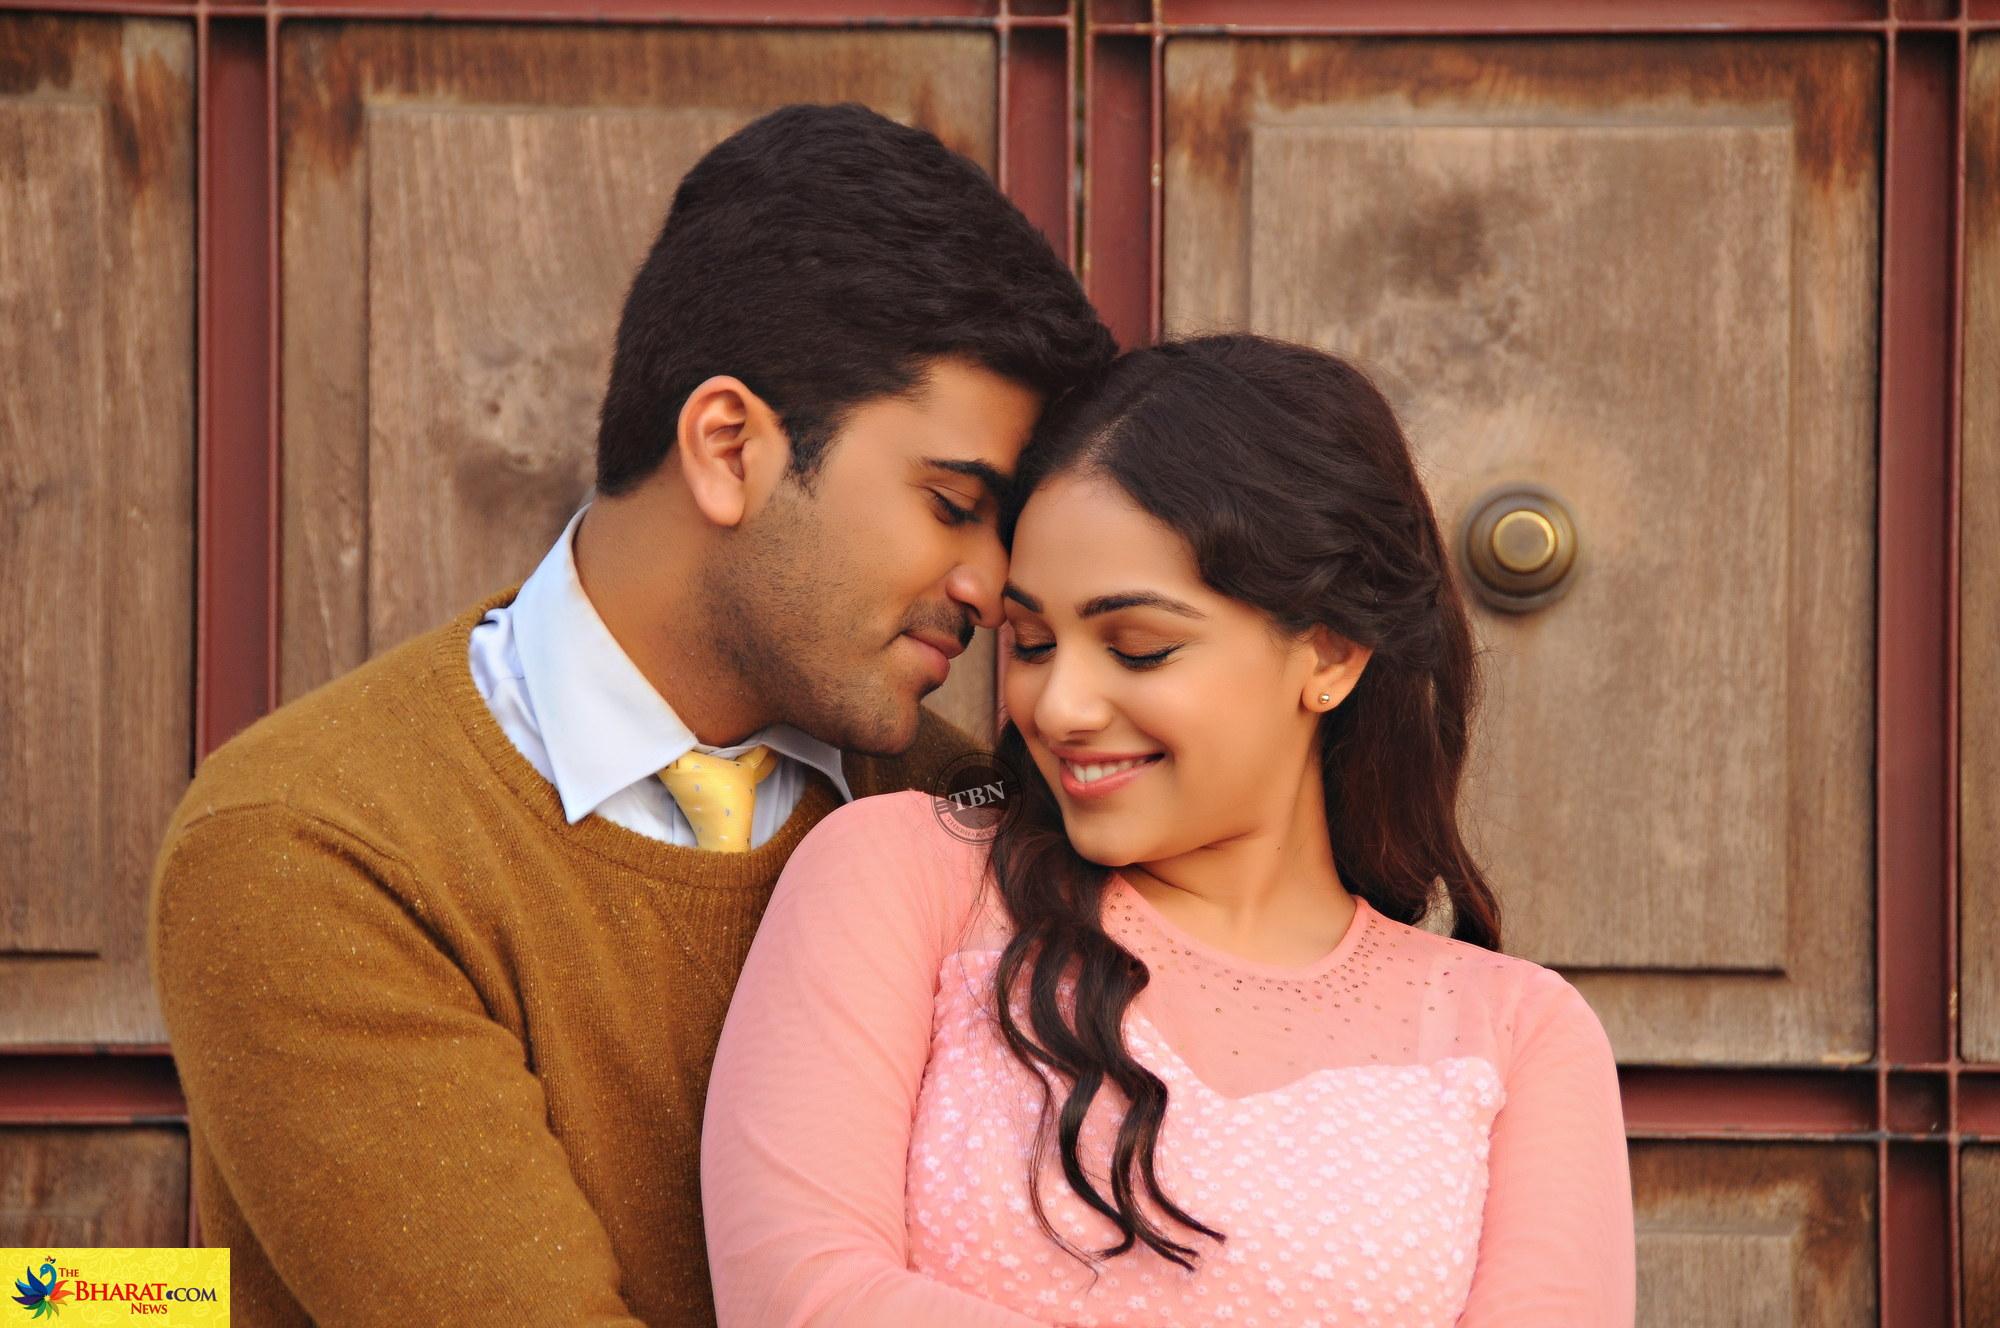 Malli-Malli-Idi-Rani-Roju-Movie-Latest-Stills-8